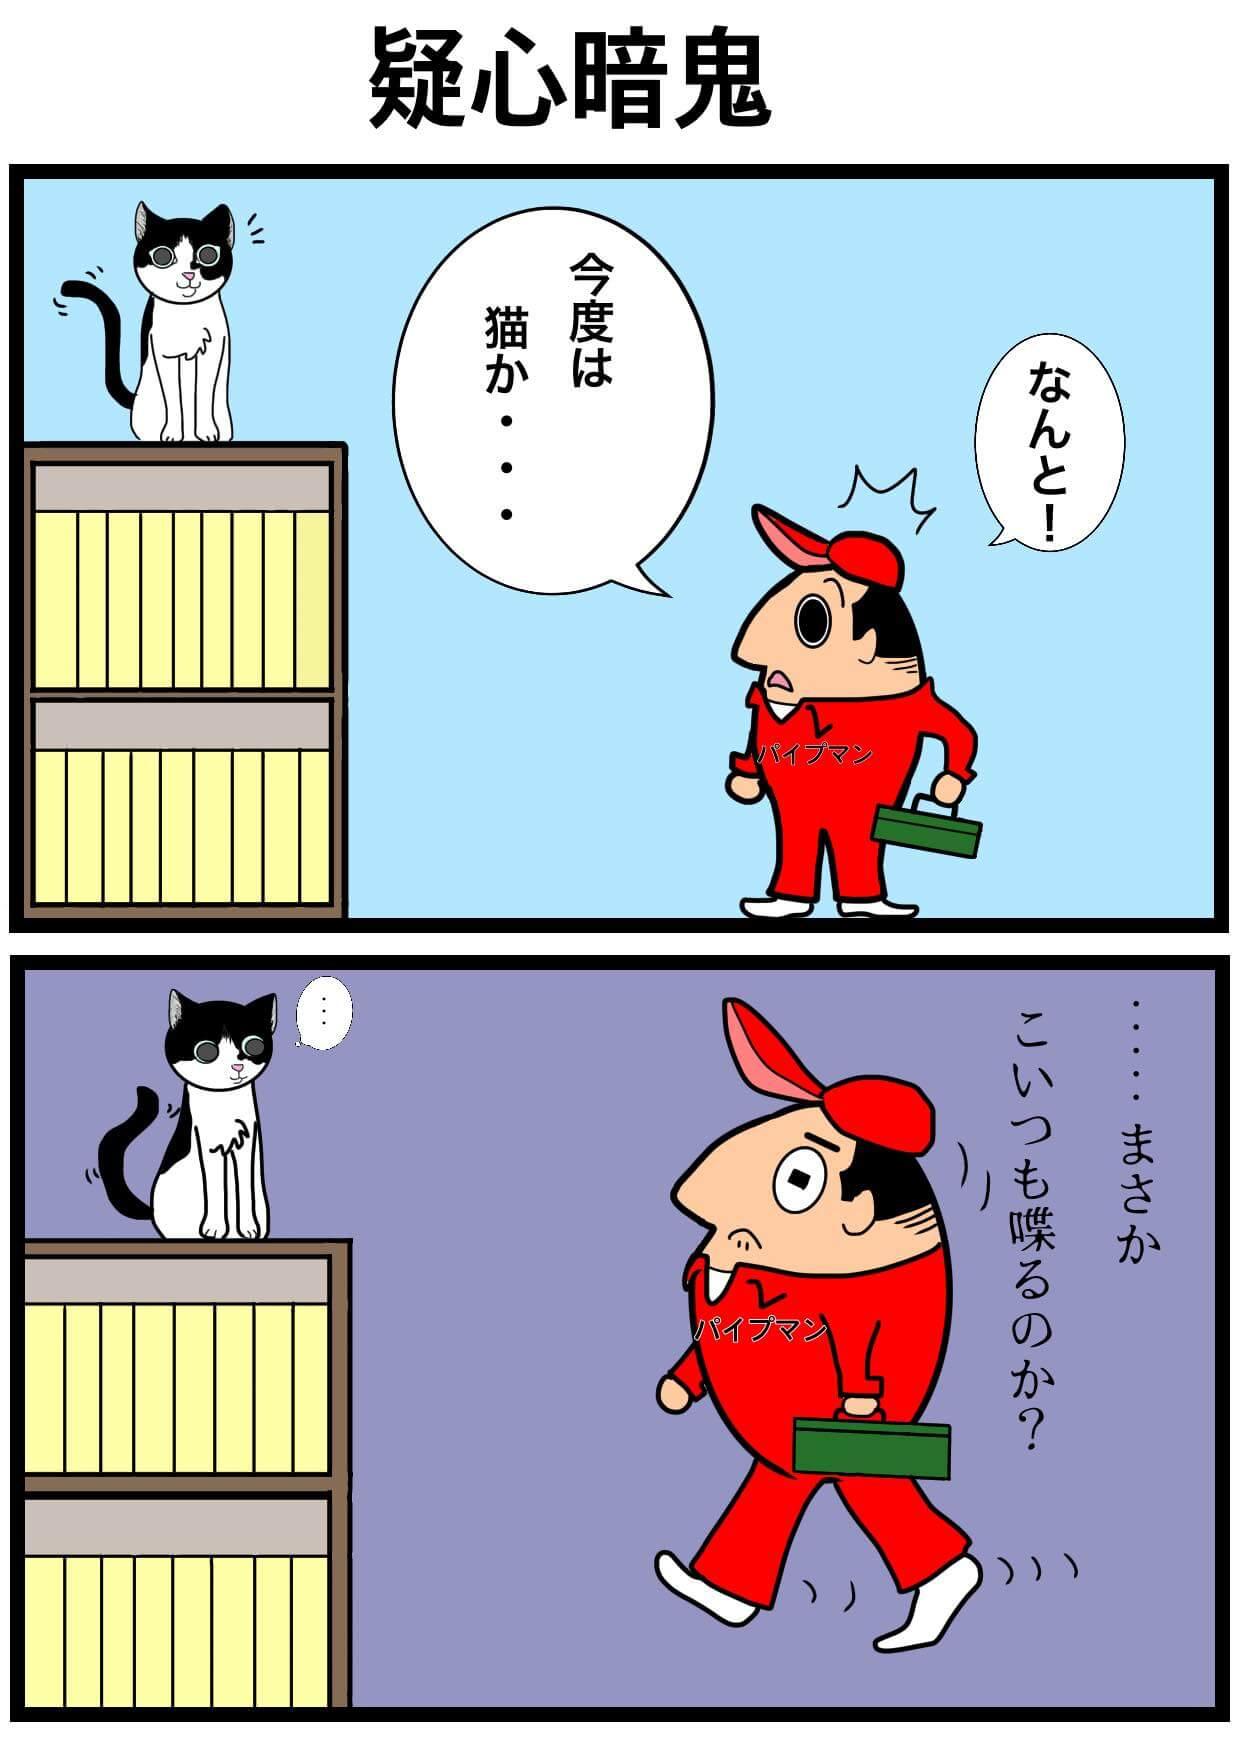 パイプマン四コマ漫画 第38話